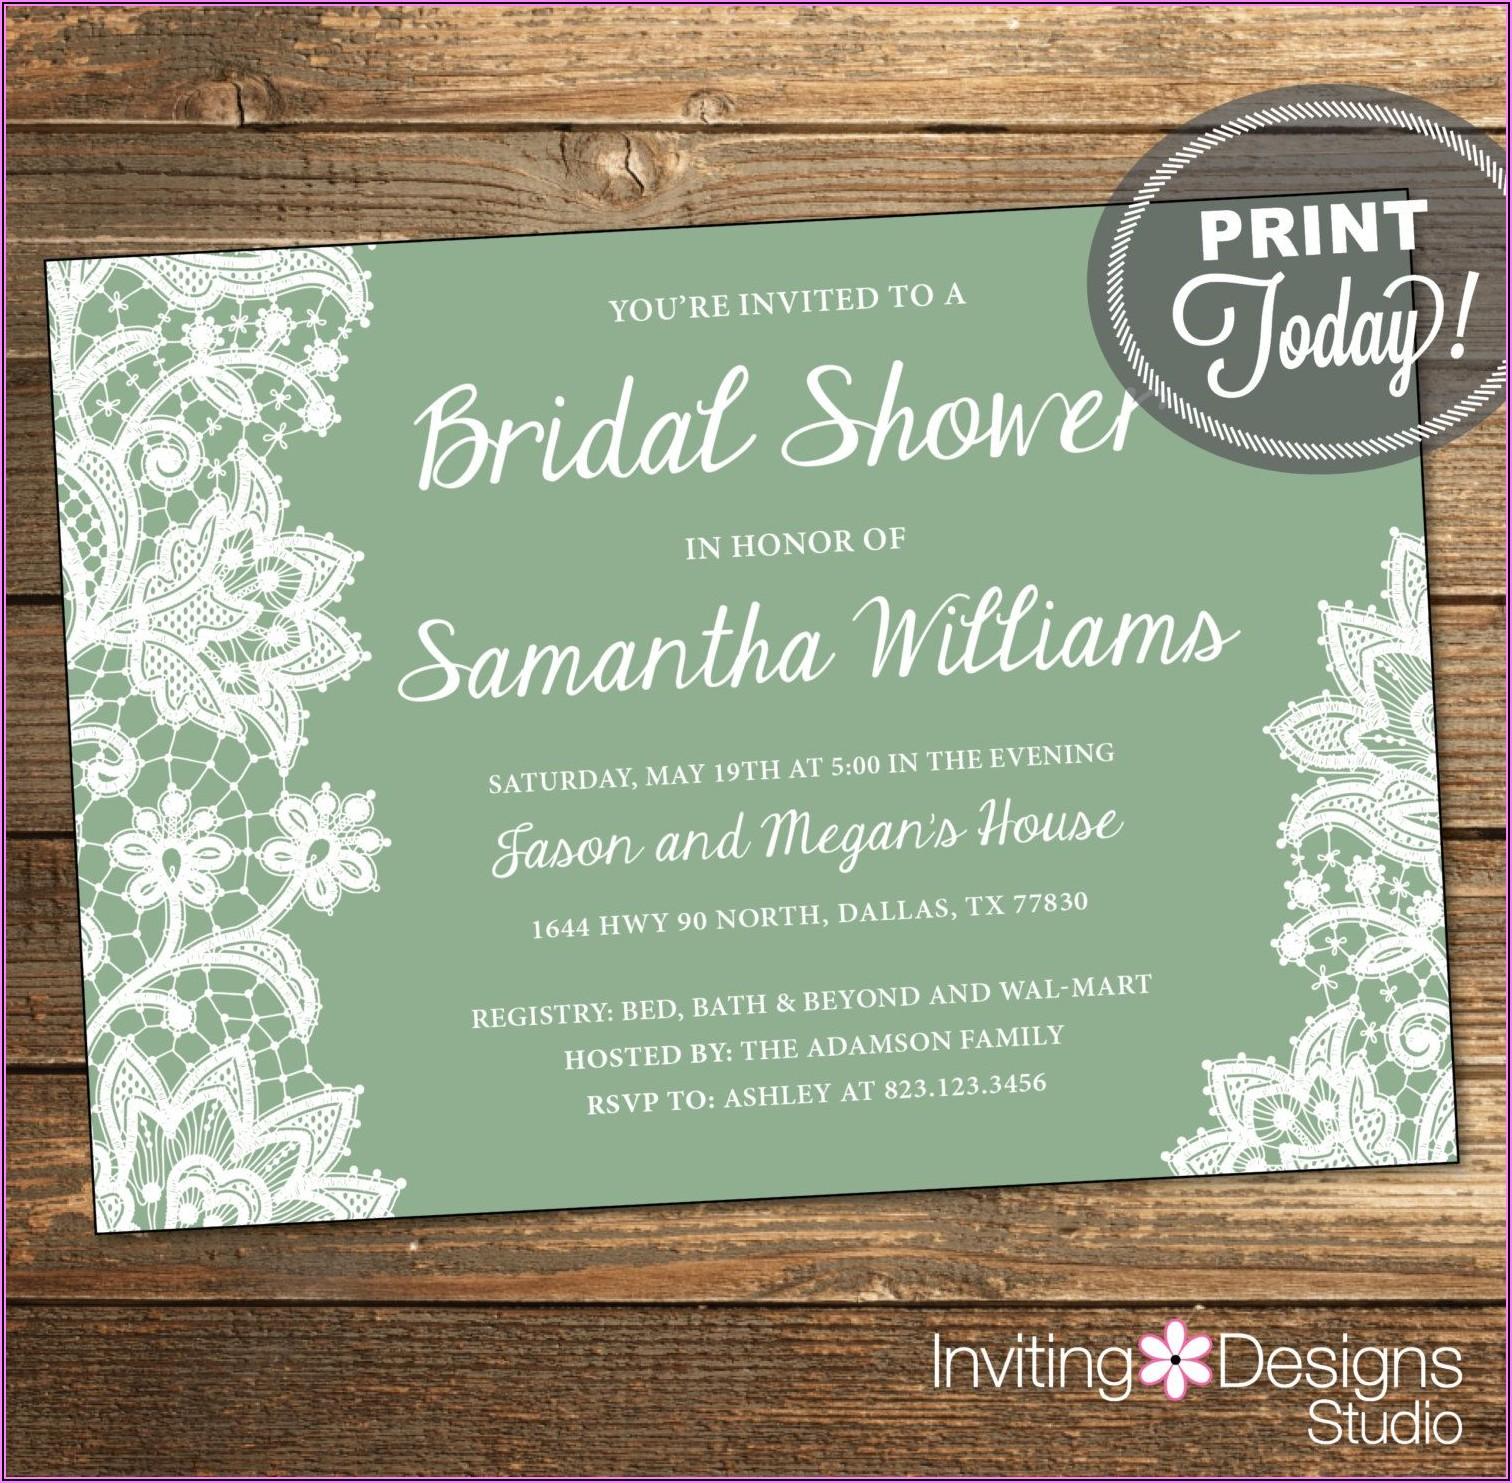 Printing Wedding Invitations At Walmart